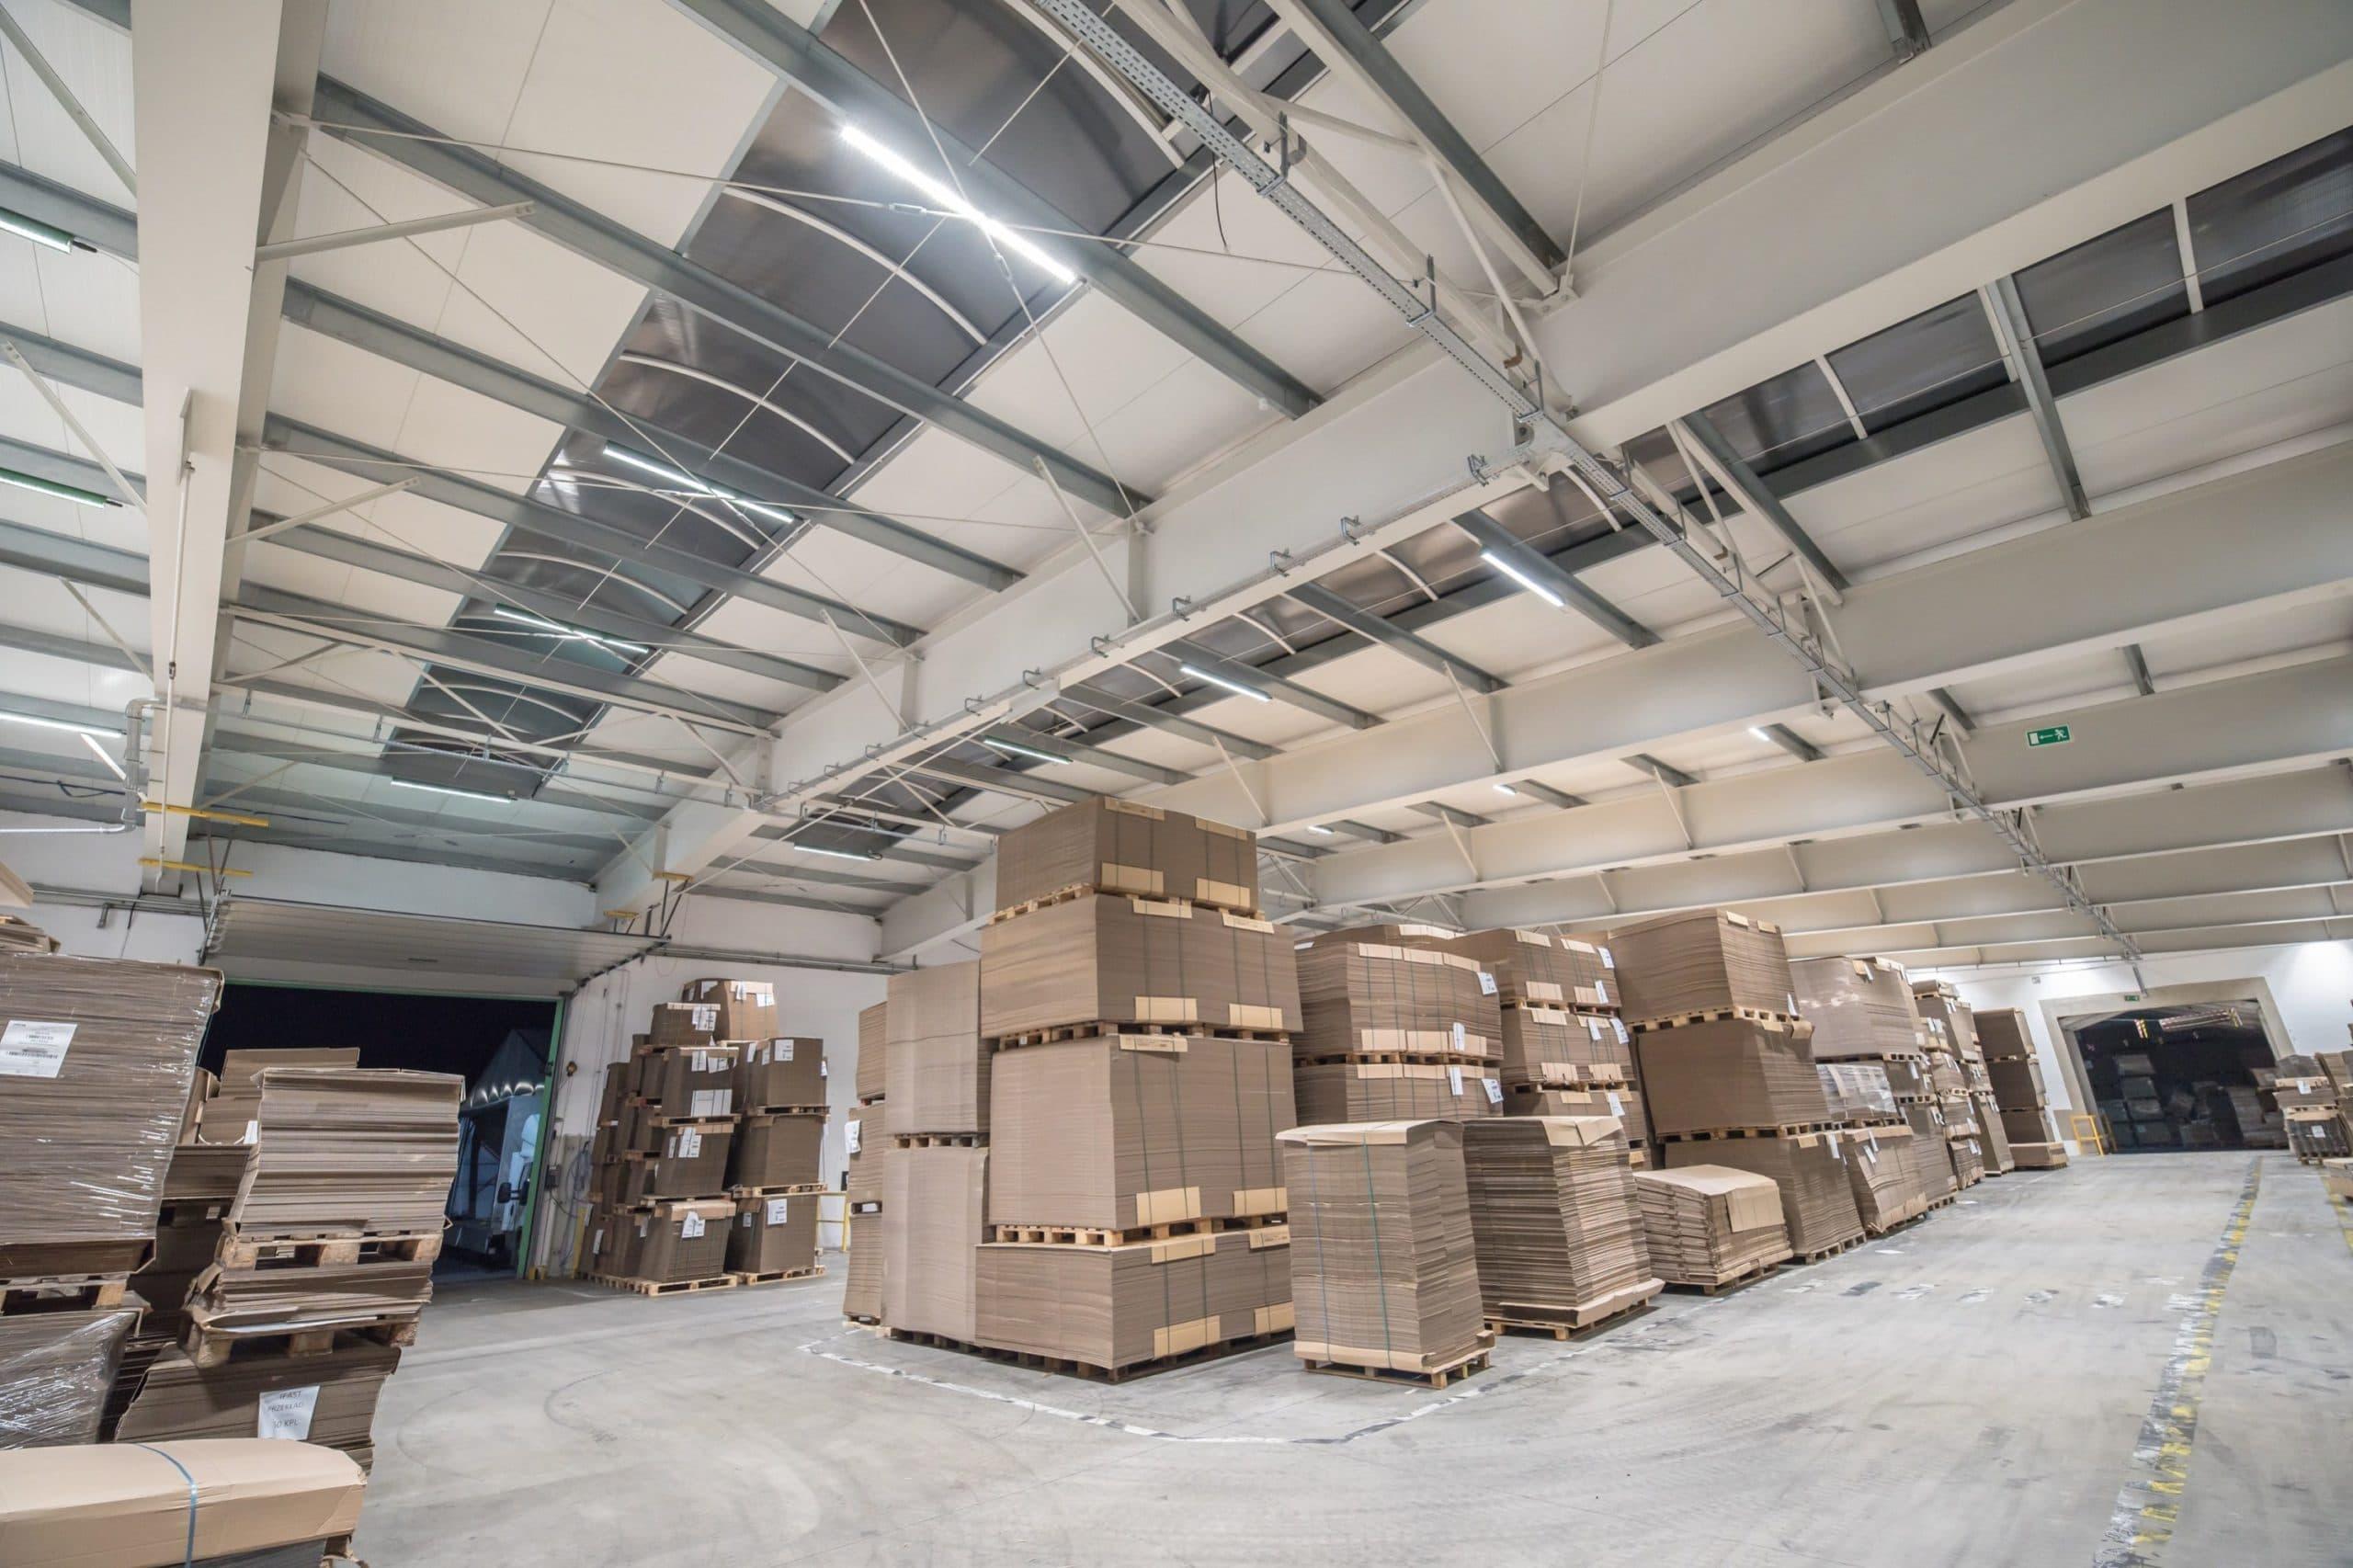 Oświetlenie przemysłowe w hali produkcyjnej firmy Jarpak - Luxon LED